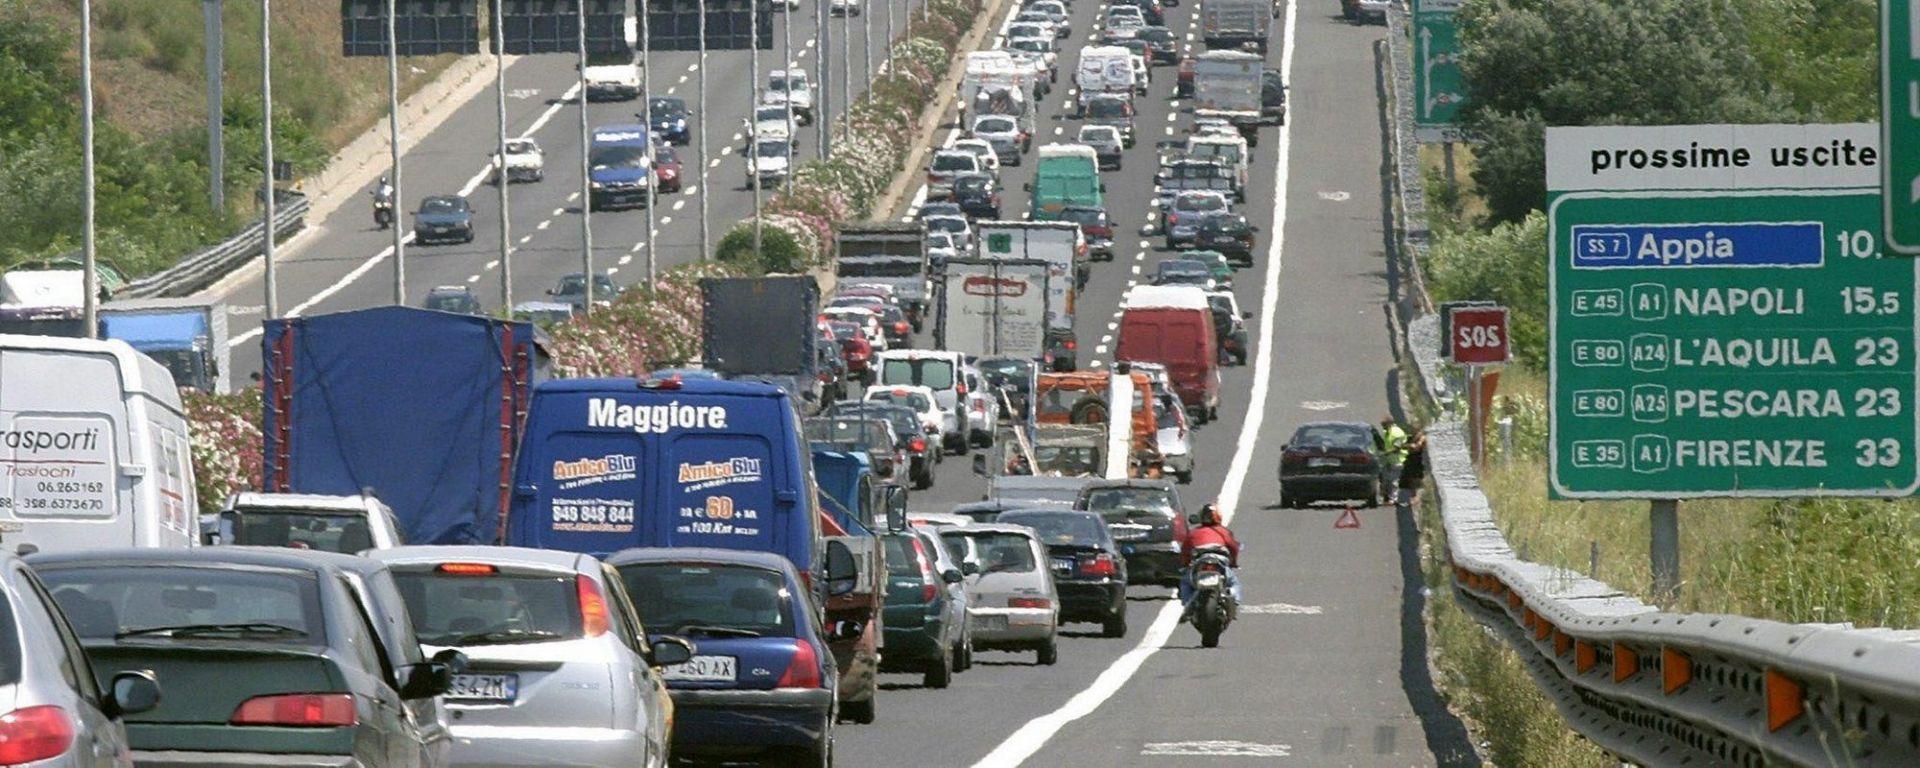 Comune situazione di traffico stradale